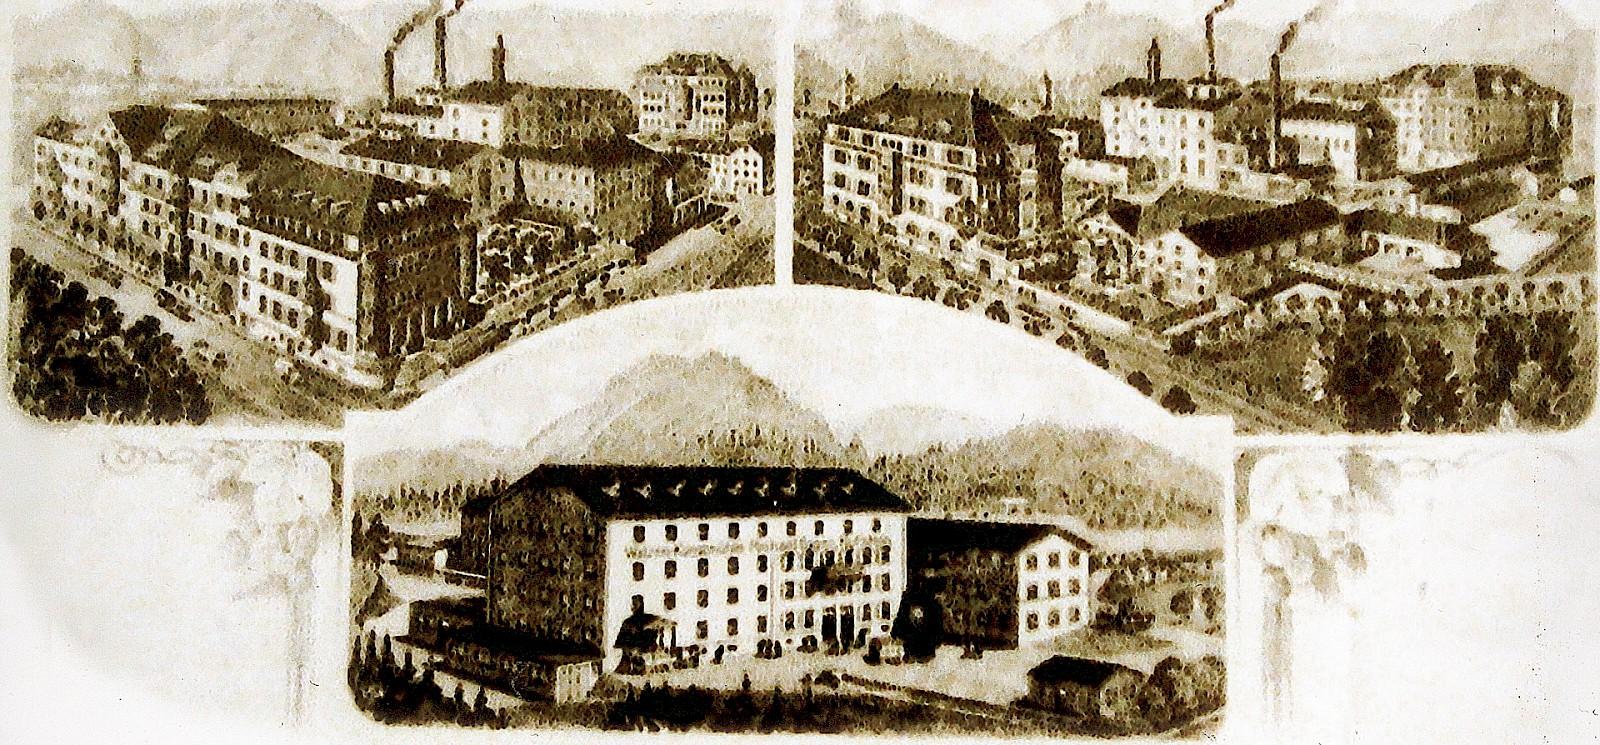 Egger Brauerei